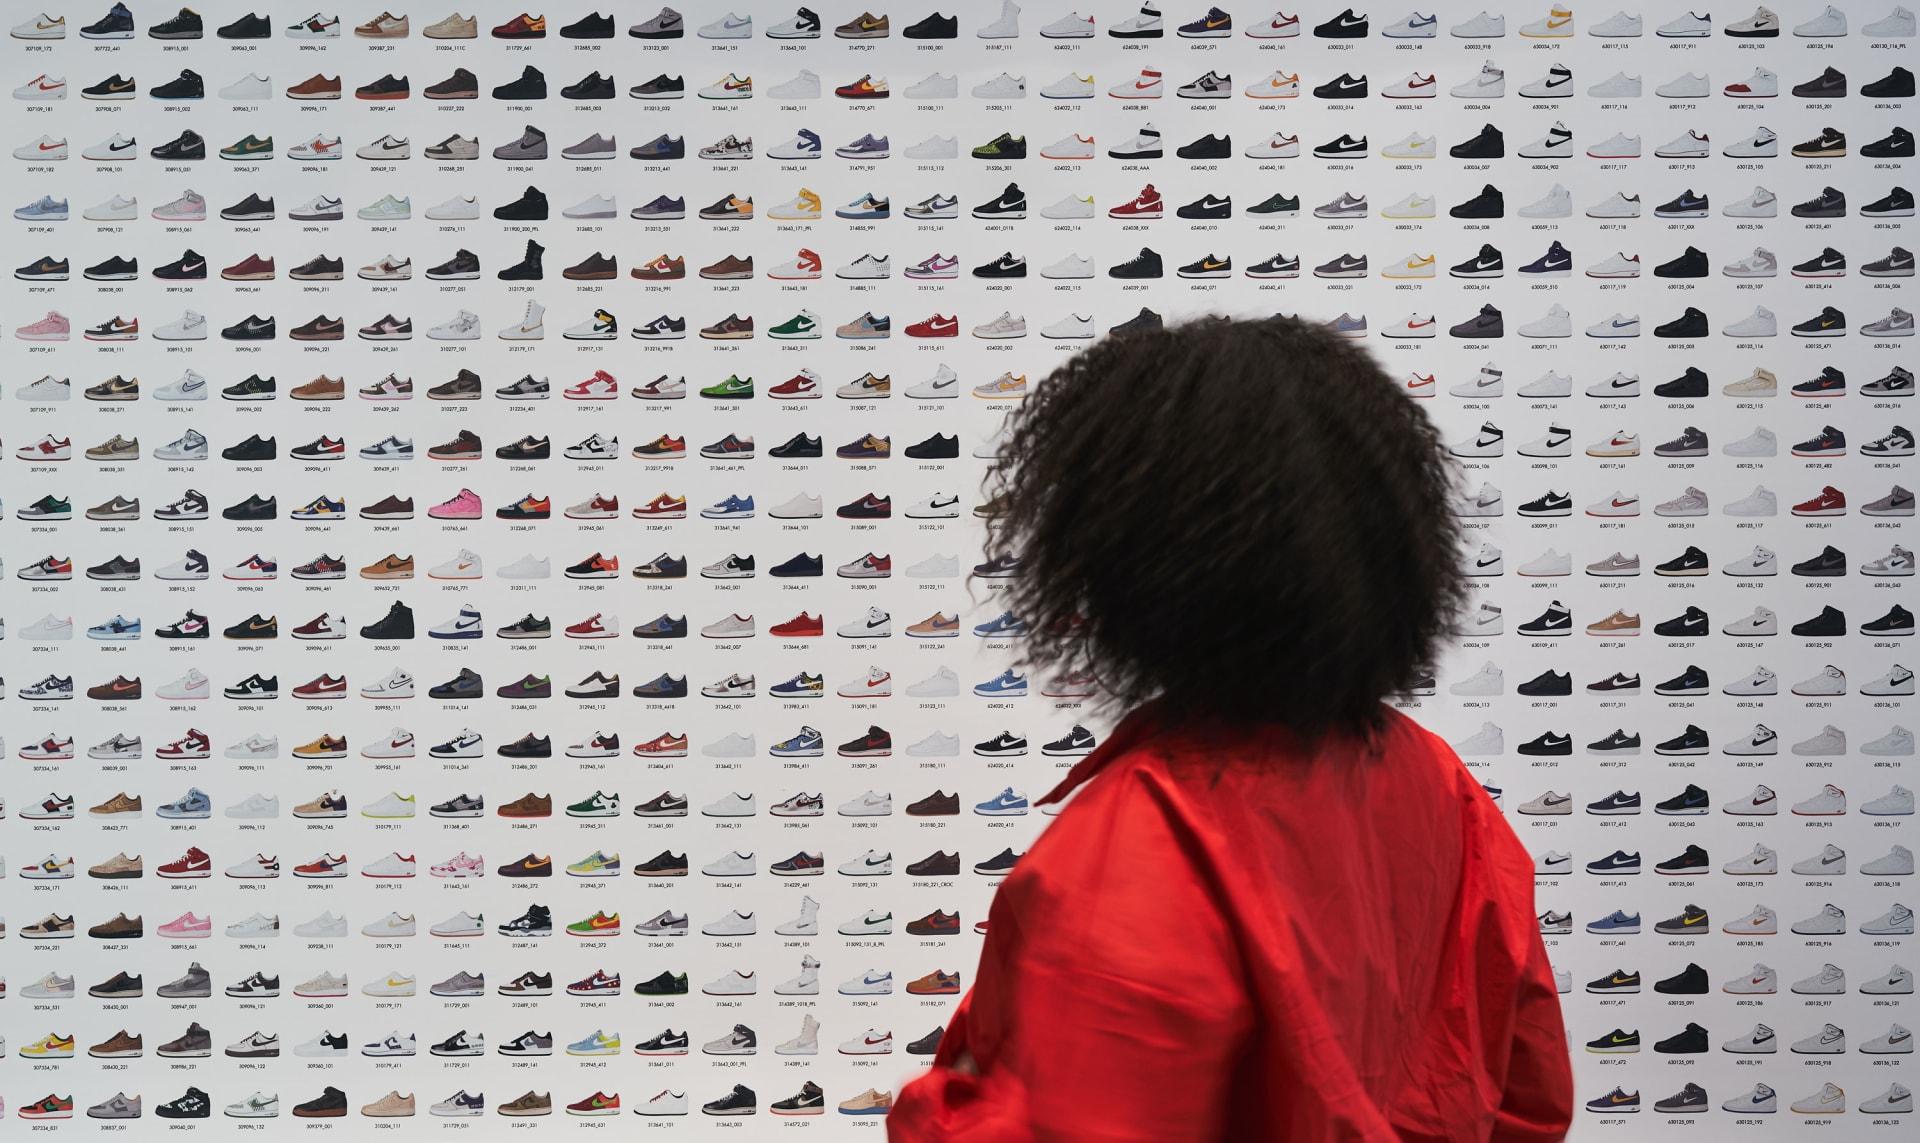 كيف أصبح جمع الأحذية الرياضية صناعة بمليارات الدولارات